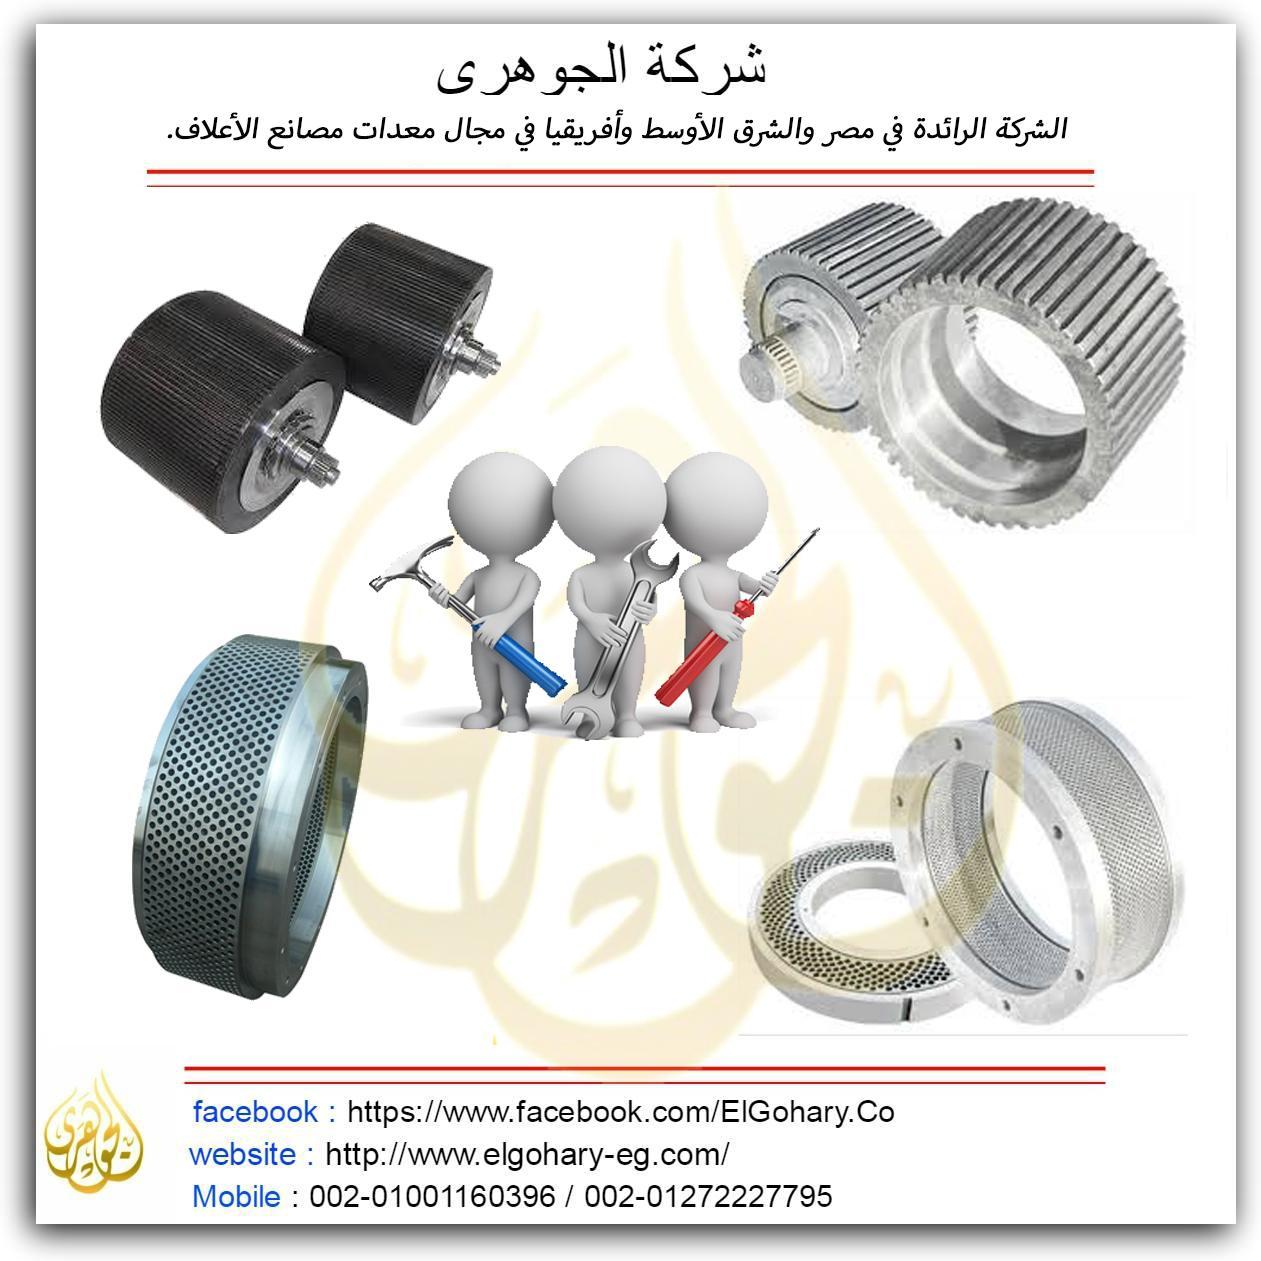 صيانة المعدات 183245204.jpg